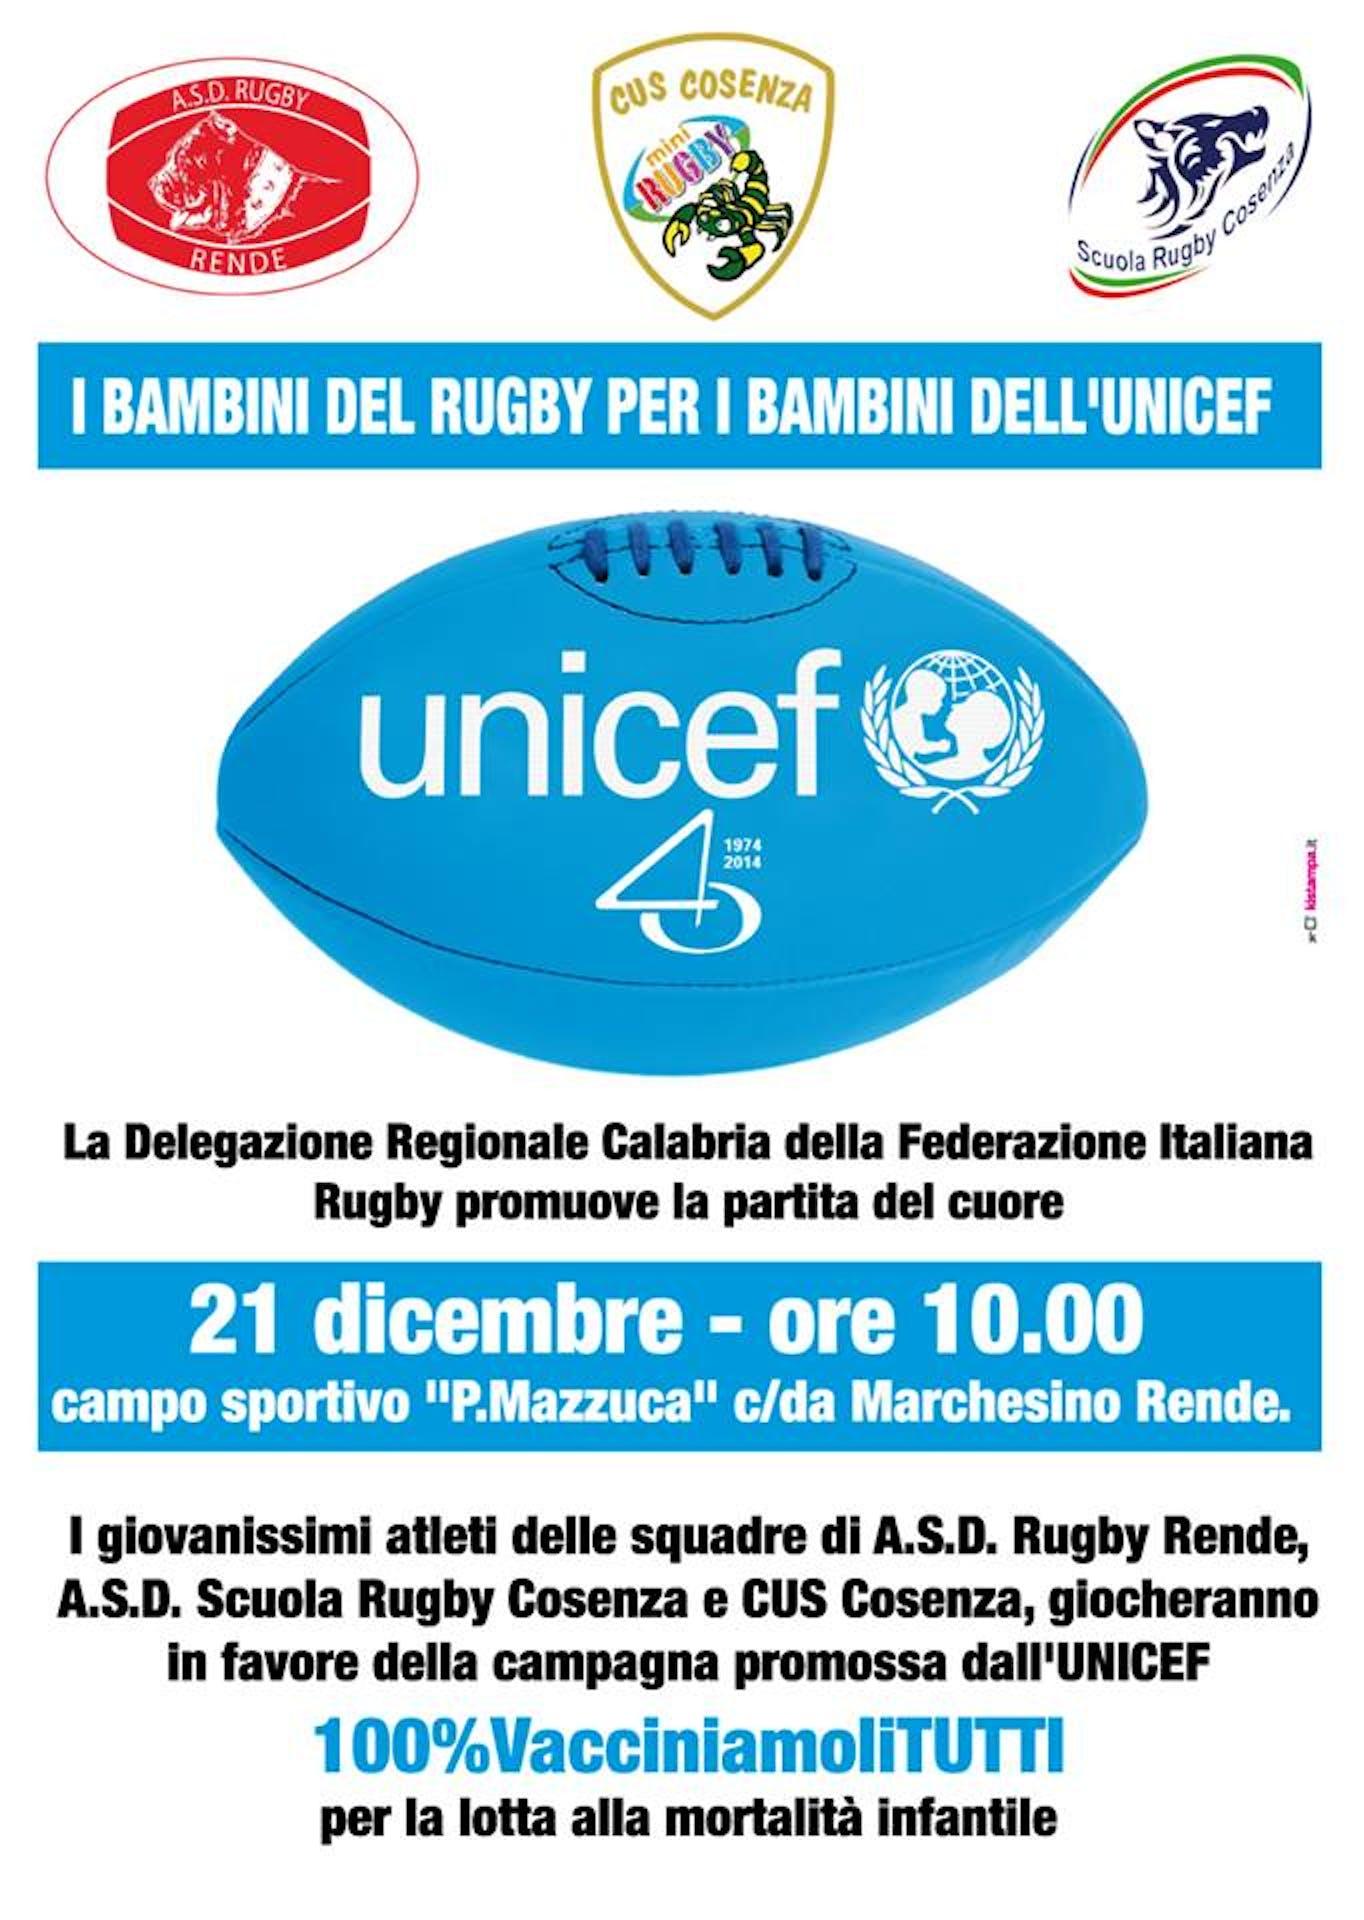 Cosenza: i bambini del Rugby per i bambini dell'UNICEF